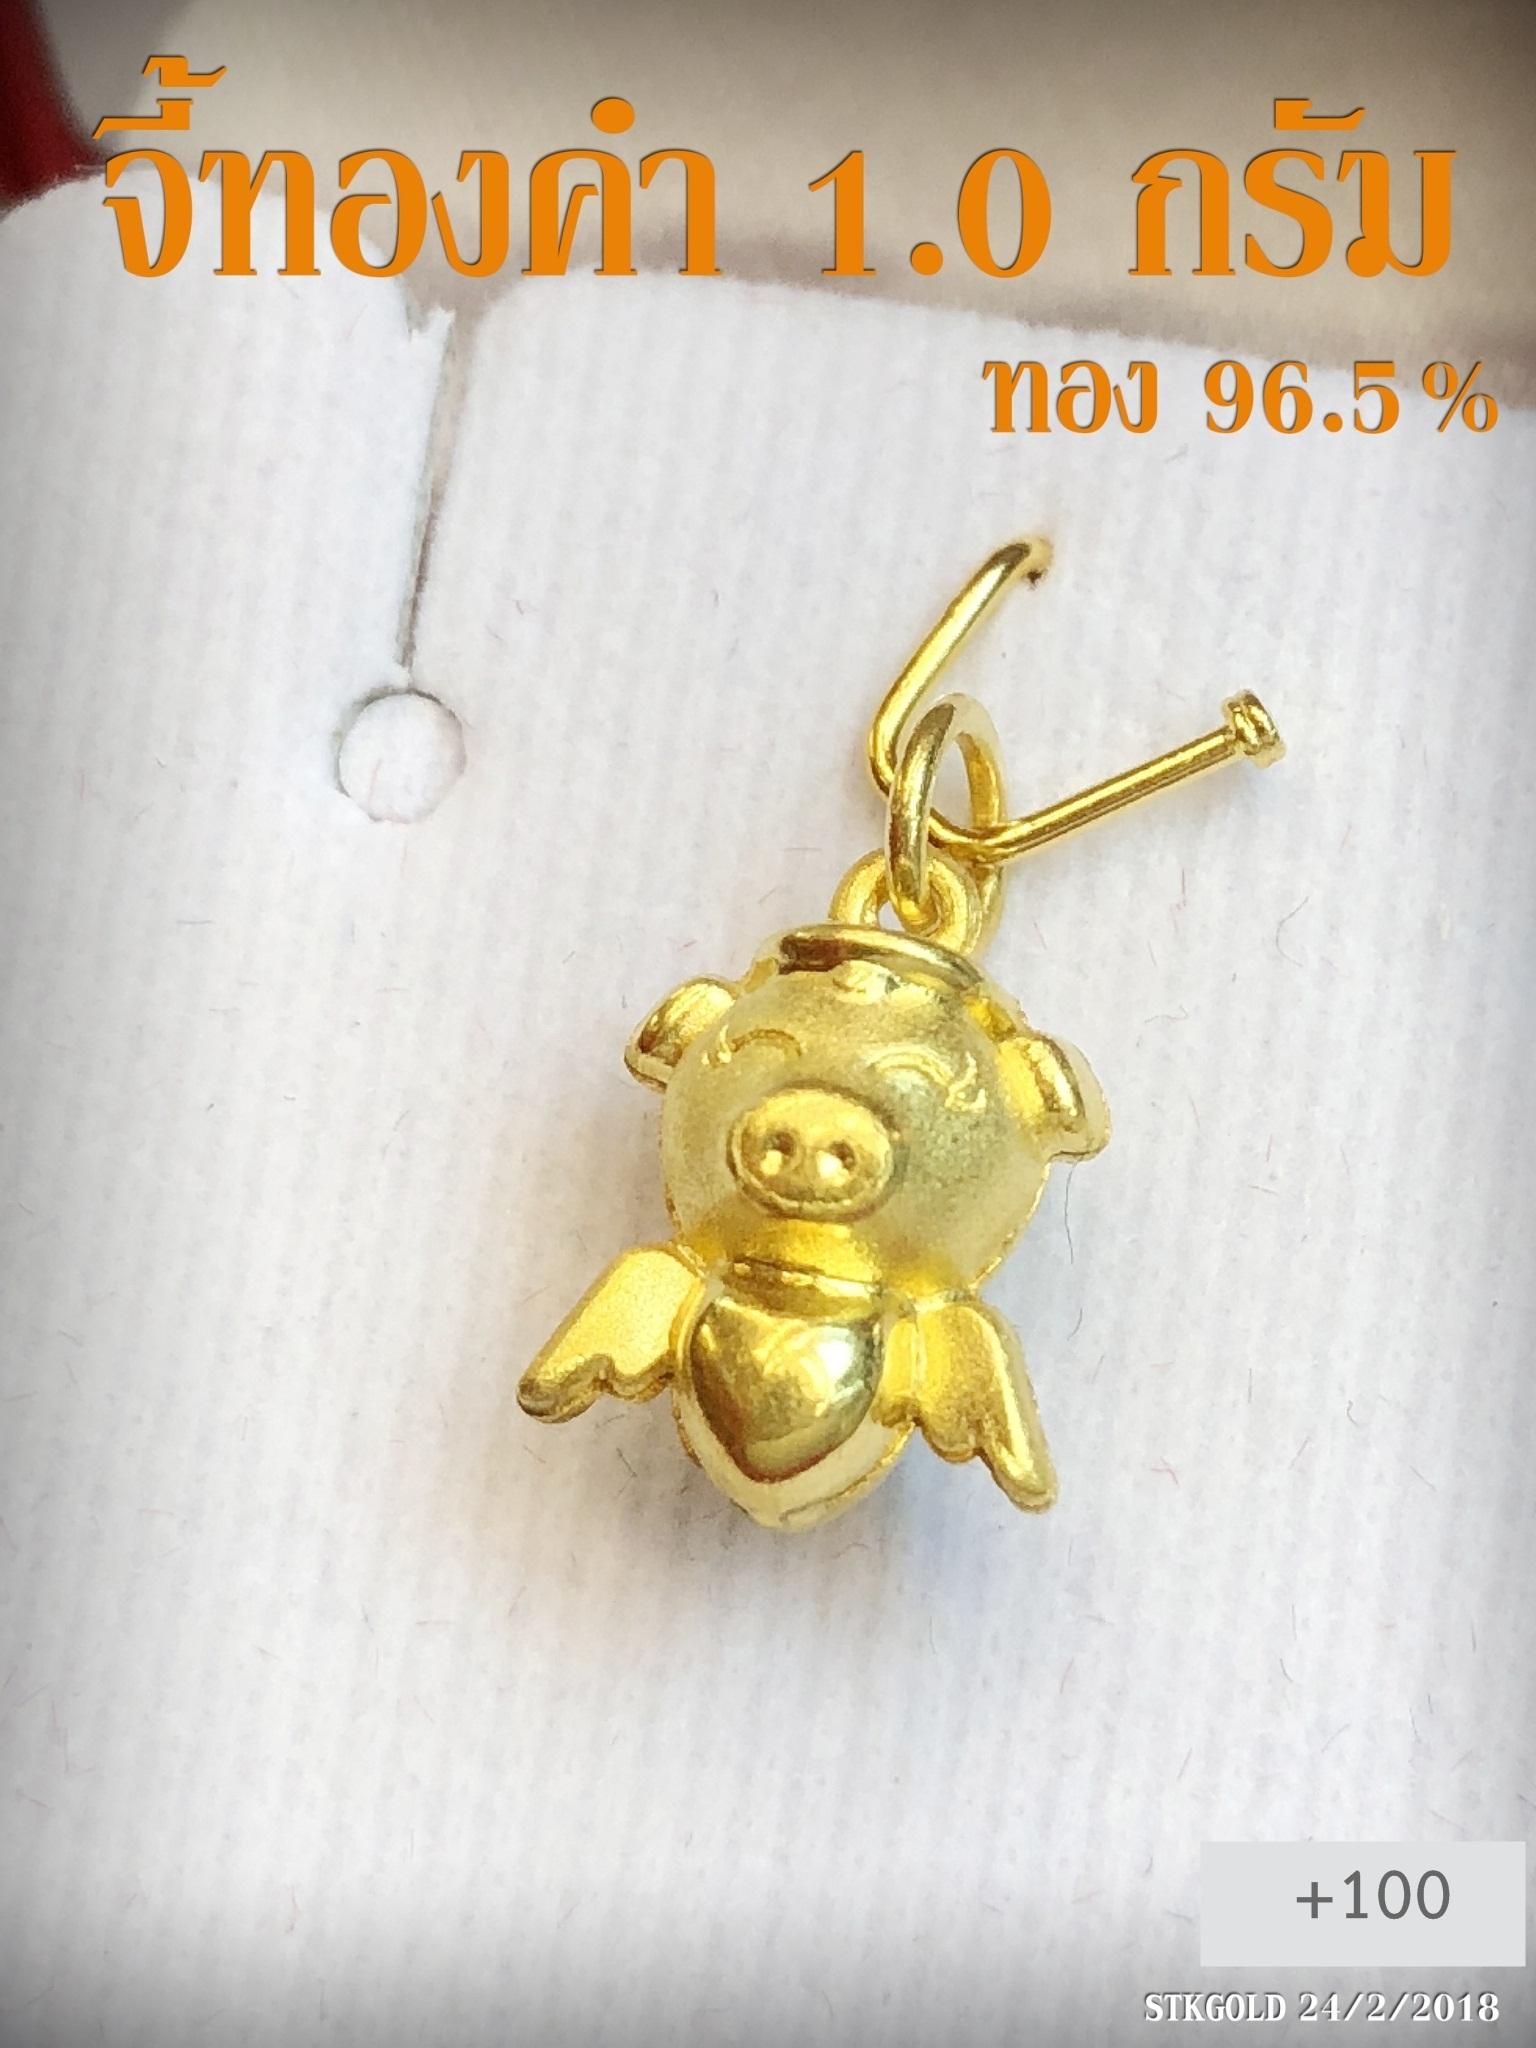 จี้ทองแท้ 96.5% หนัก 1.0 กรัม